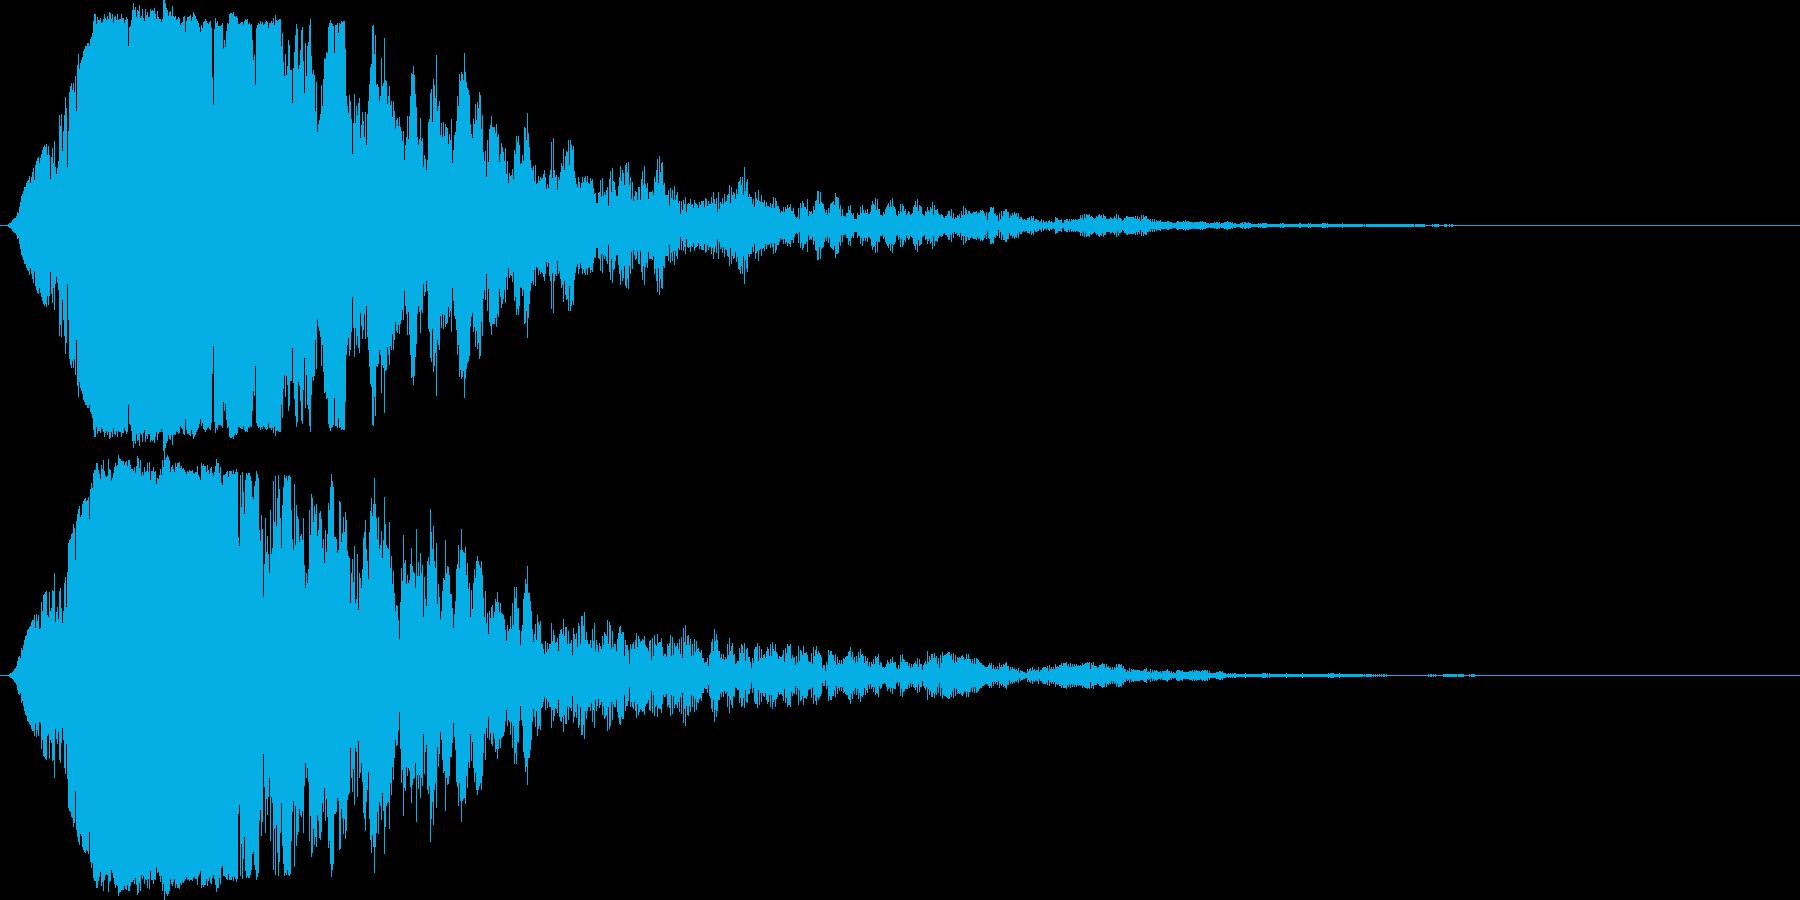 キラン☆シャキーン/派手なインパクト04の再生済みの波形